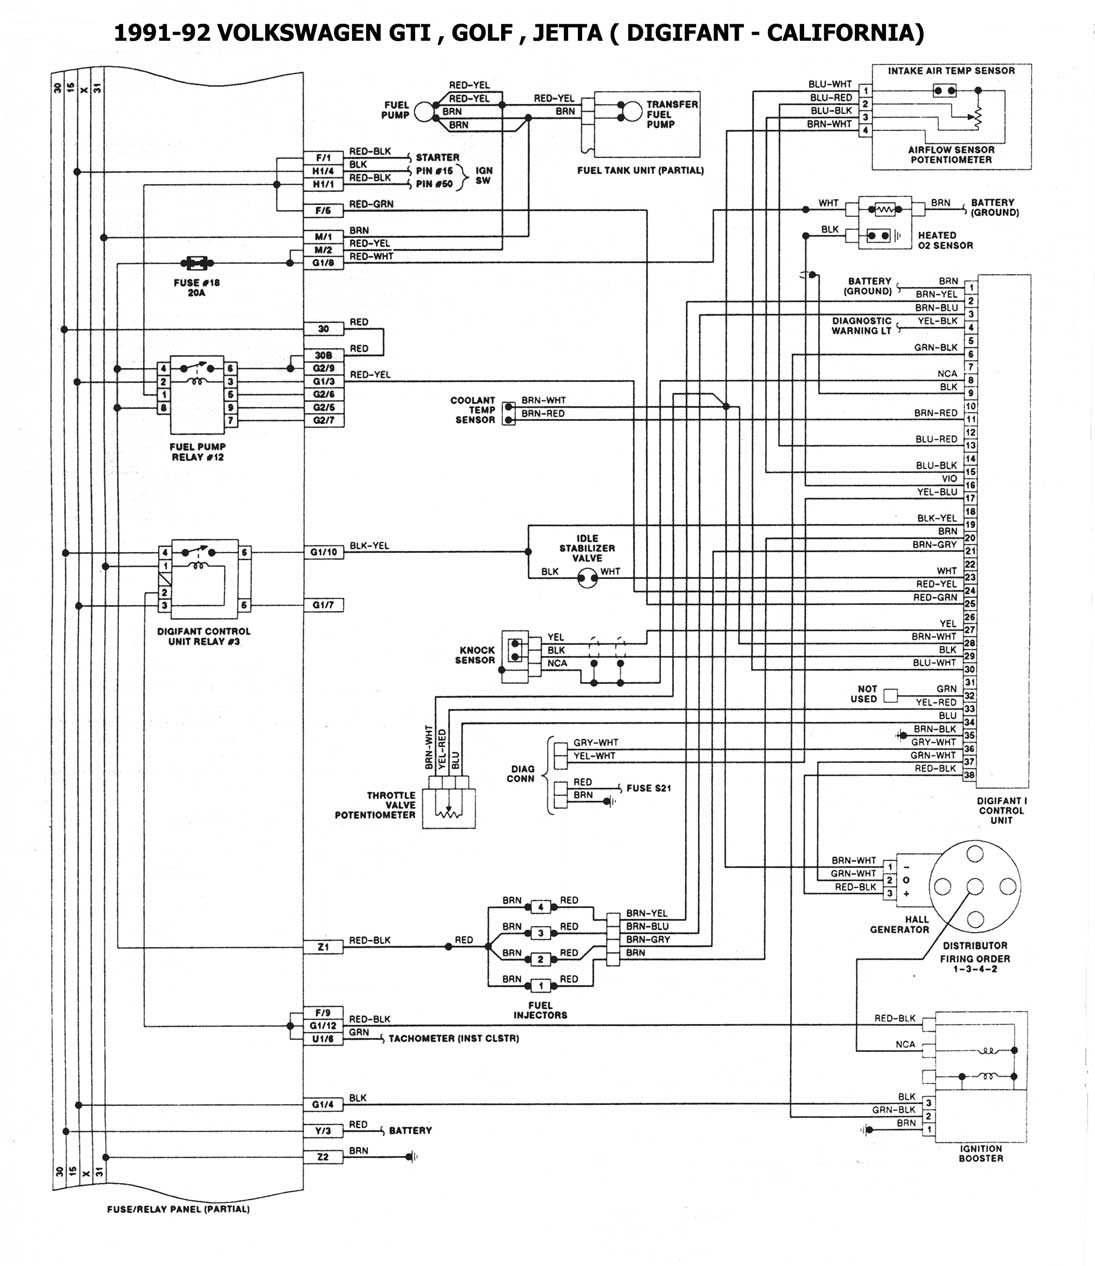 2009 Chevy Malibu Fuse Box Diagram : Picture Of Fuse Box